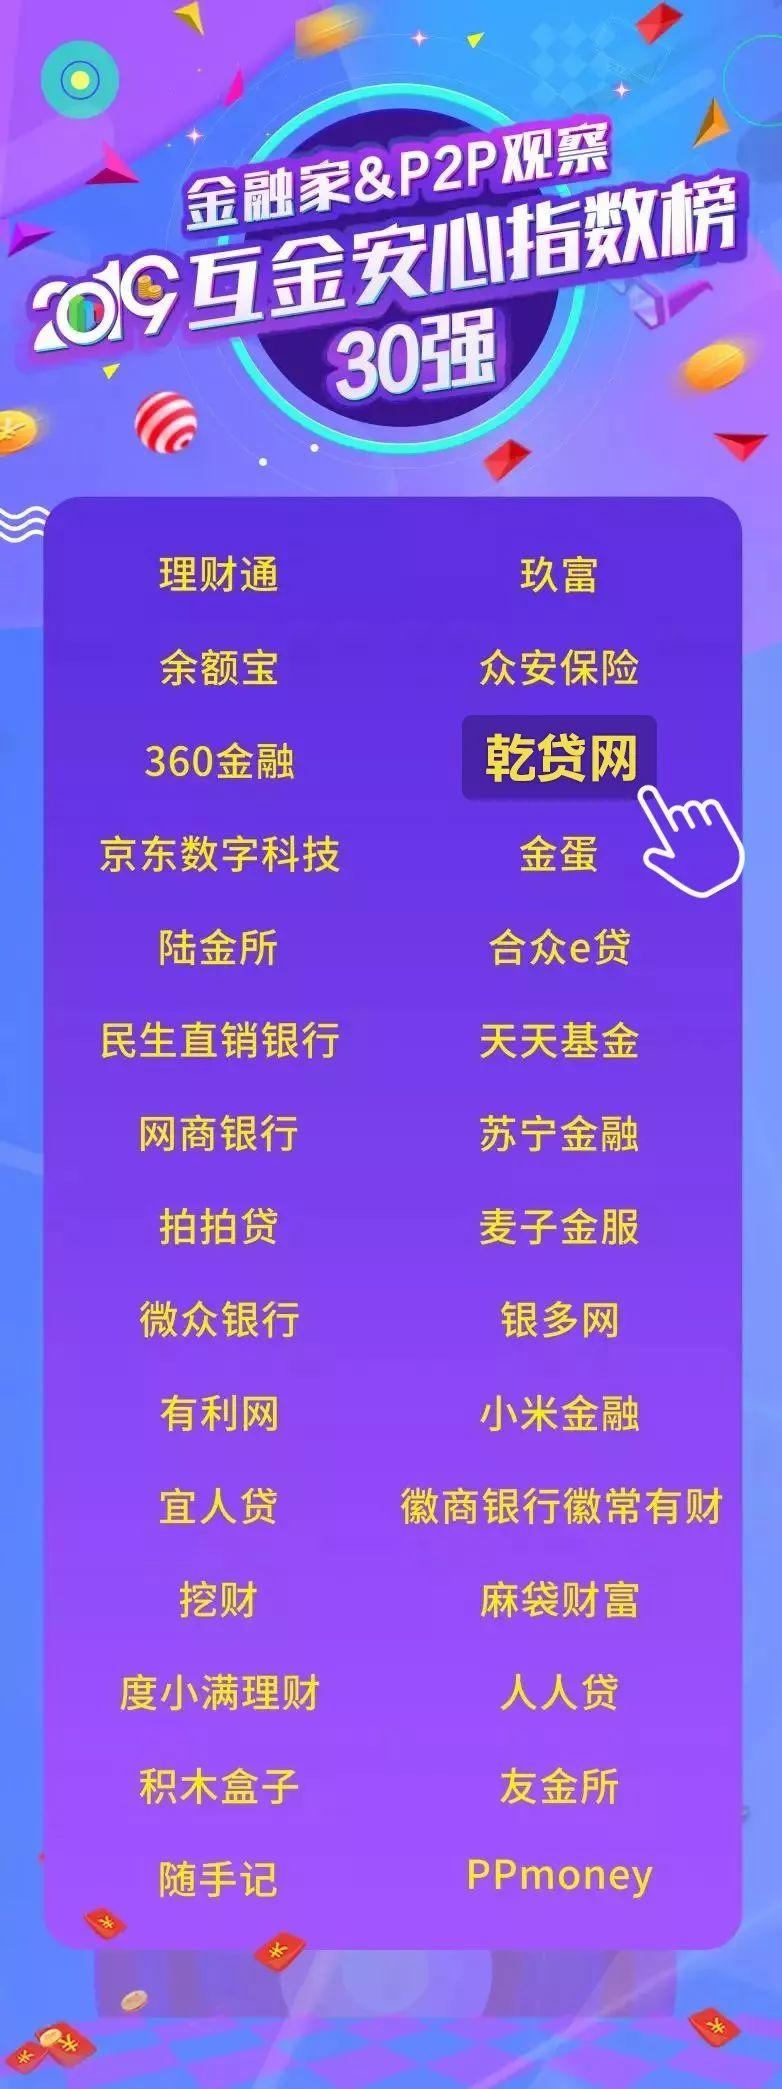 """【喜讯】乾贷网入选""""2019互金安心指数榜""""30强"""